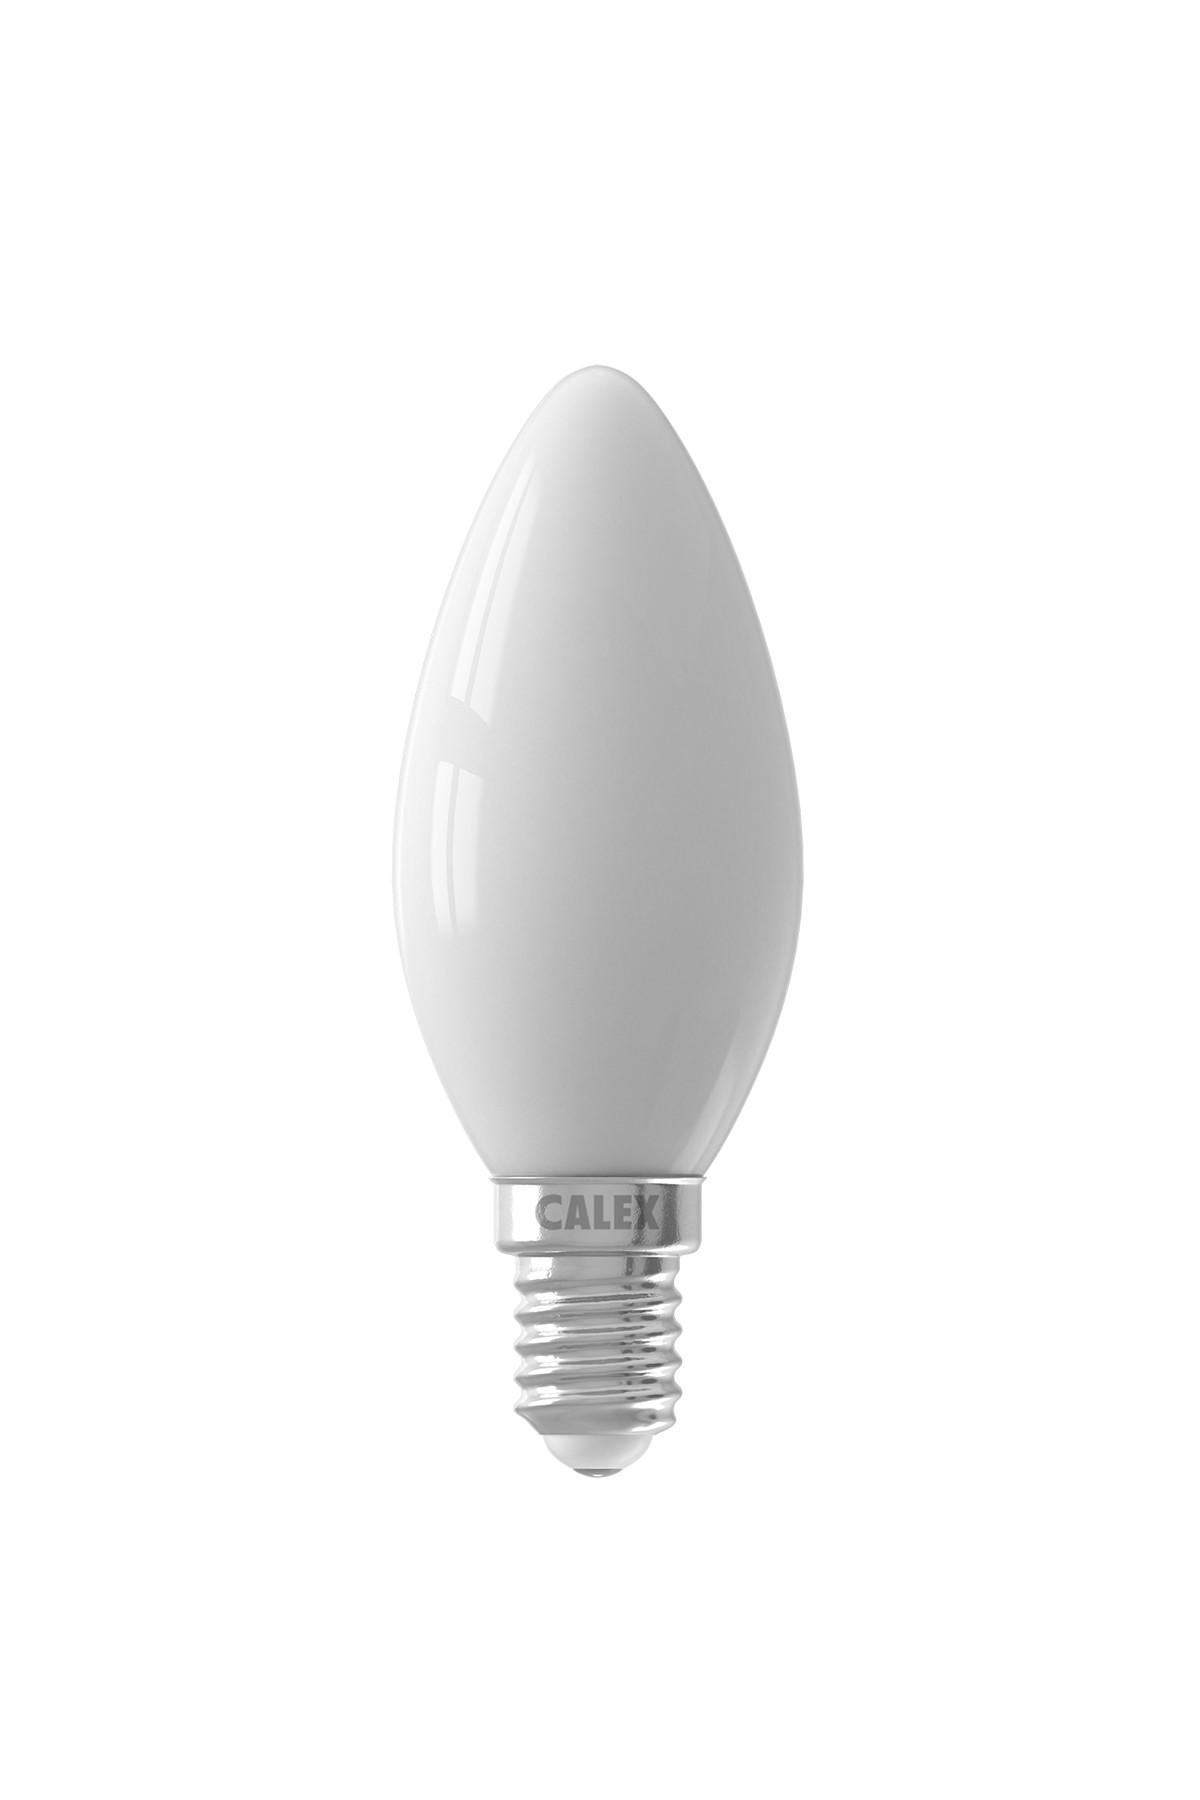 Calex LED volglas Filament Kaarslamp 220-240V 4W 450lm E14 B35, Softline 2700K CRI80 Dimbaar